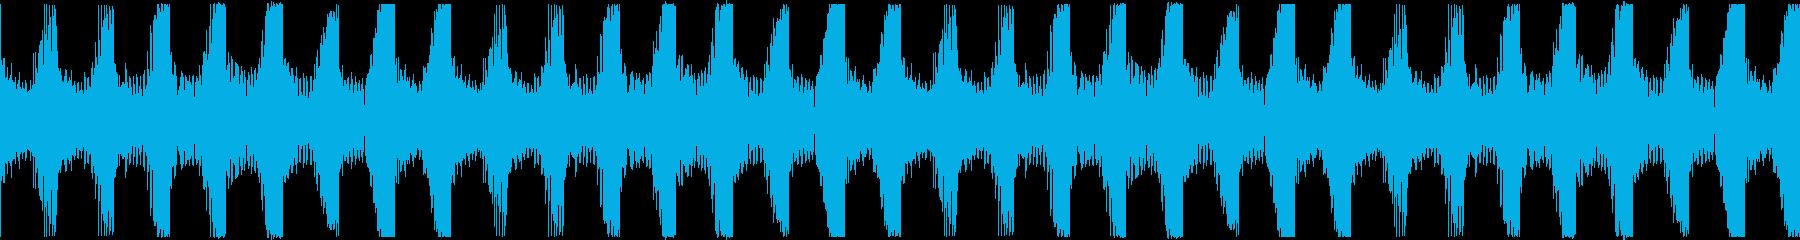 【ゲーム・シーン】バトルSE_01の再生済みの波形